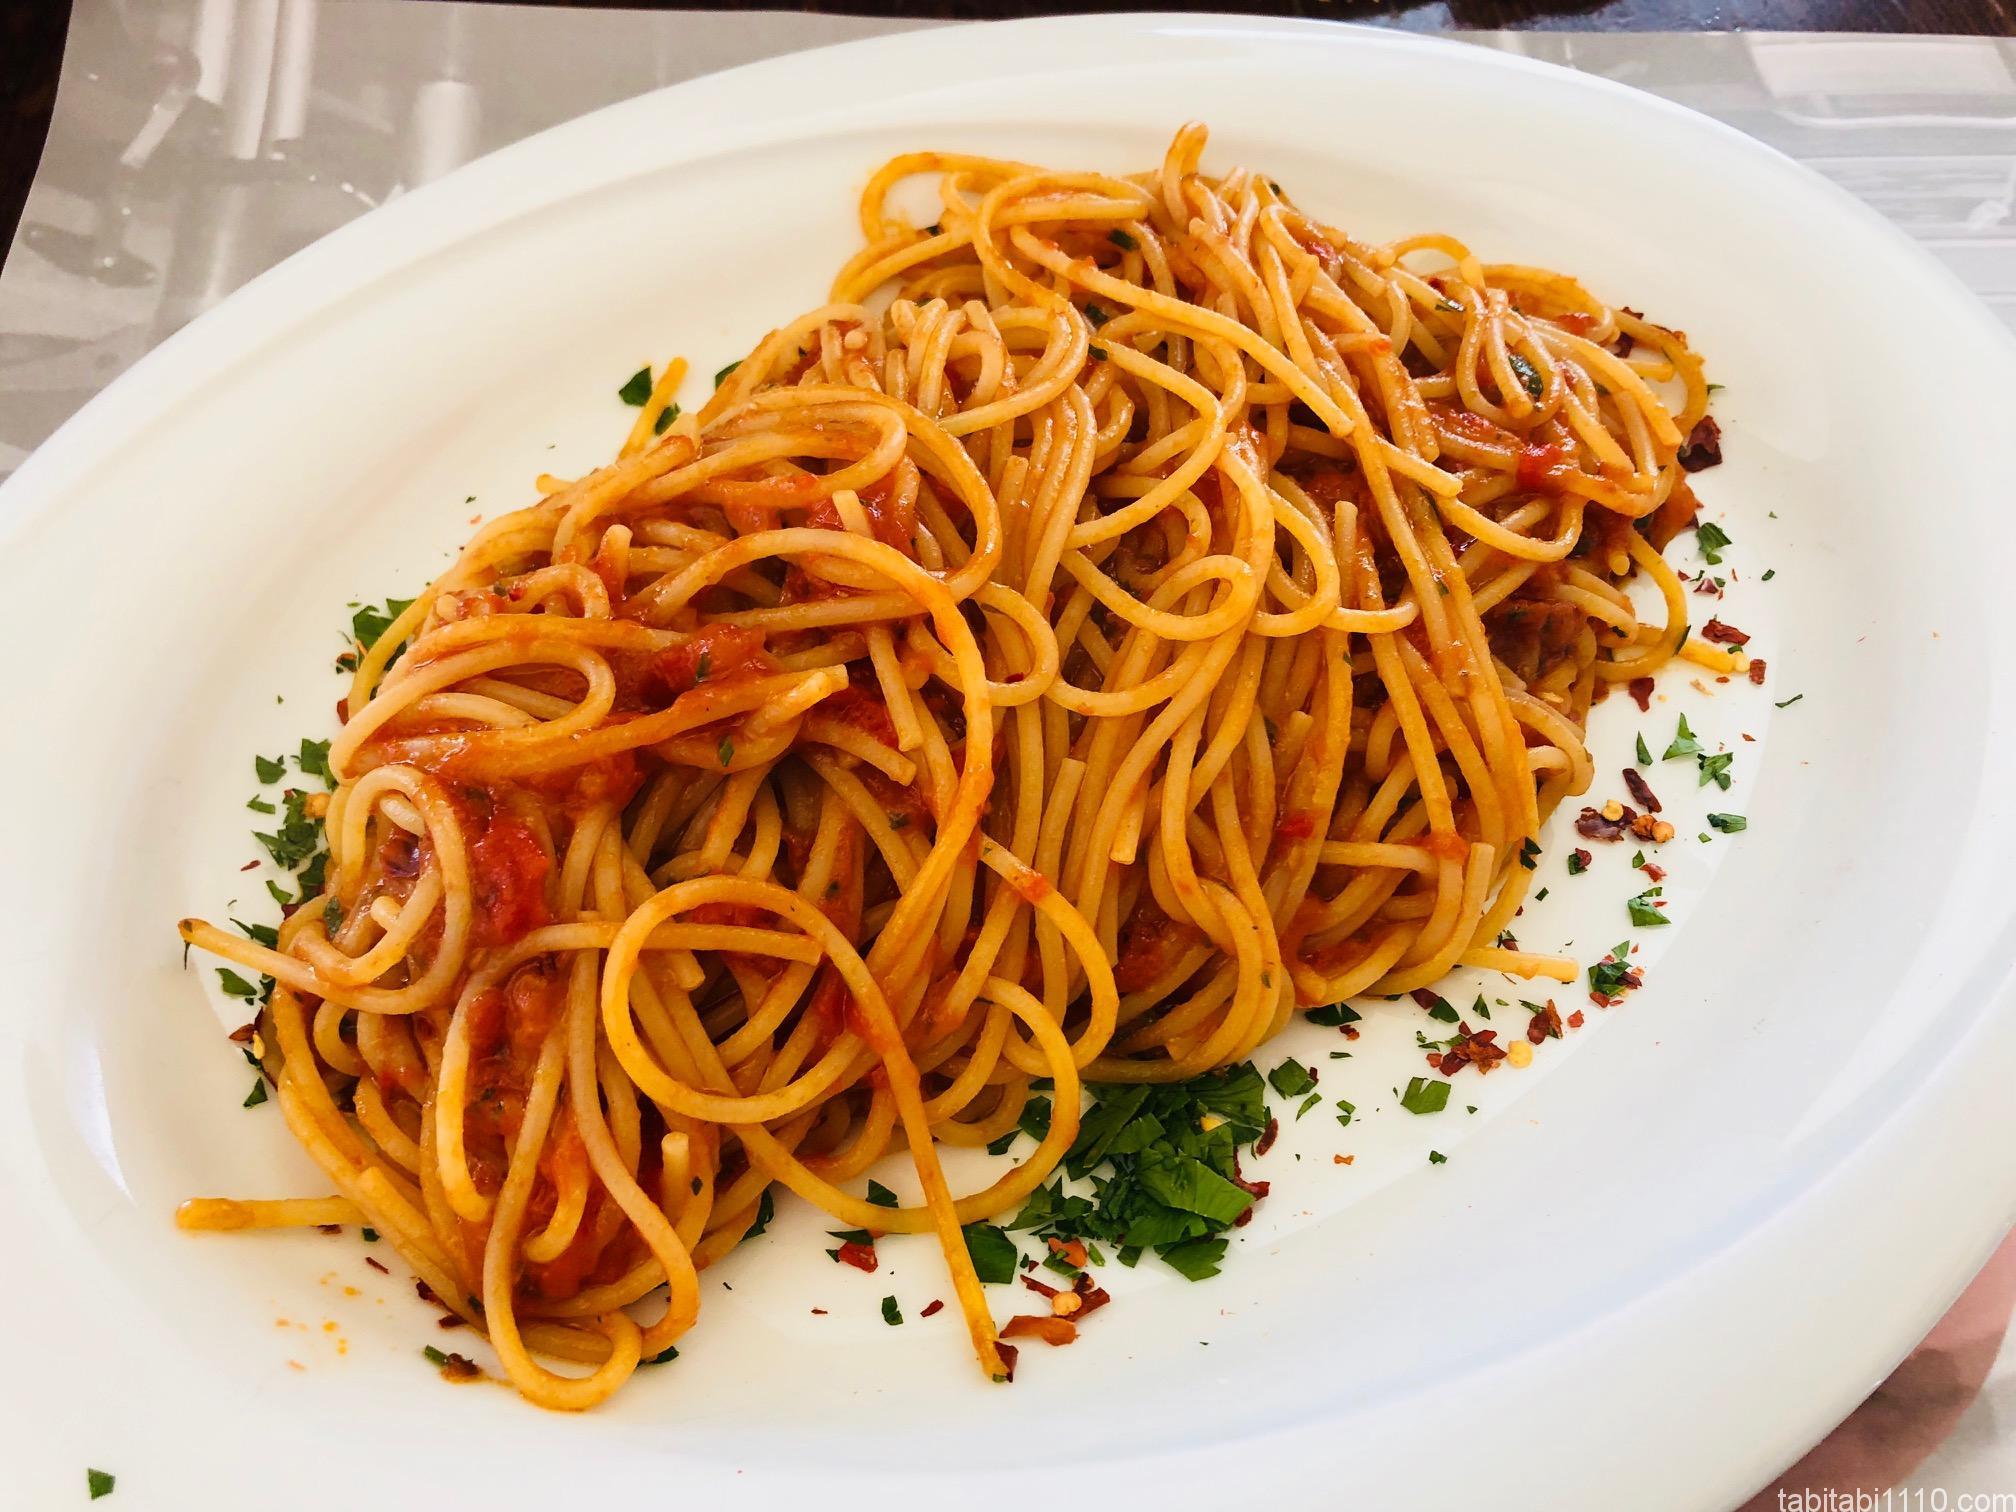 フィレンツェで食べたパスタ